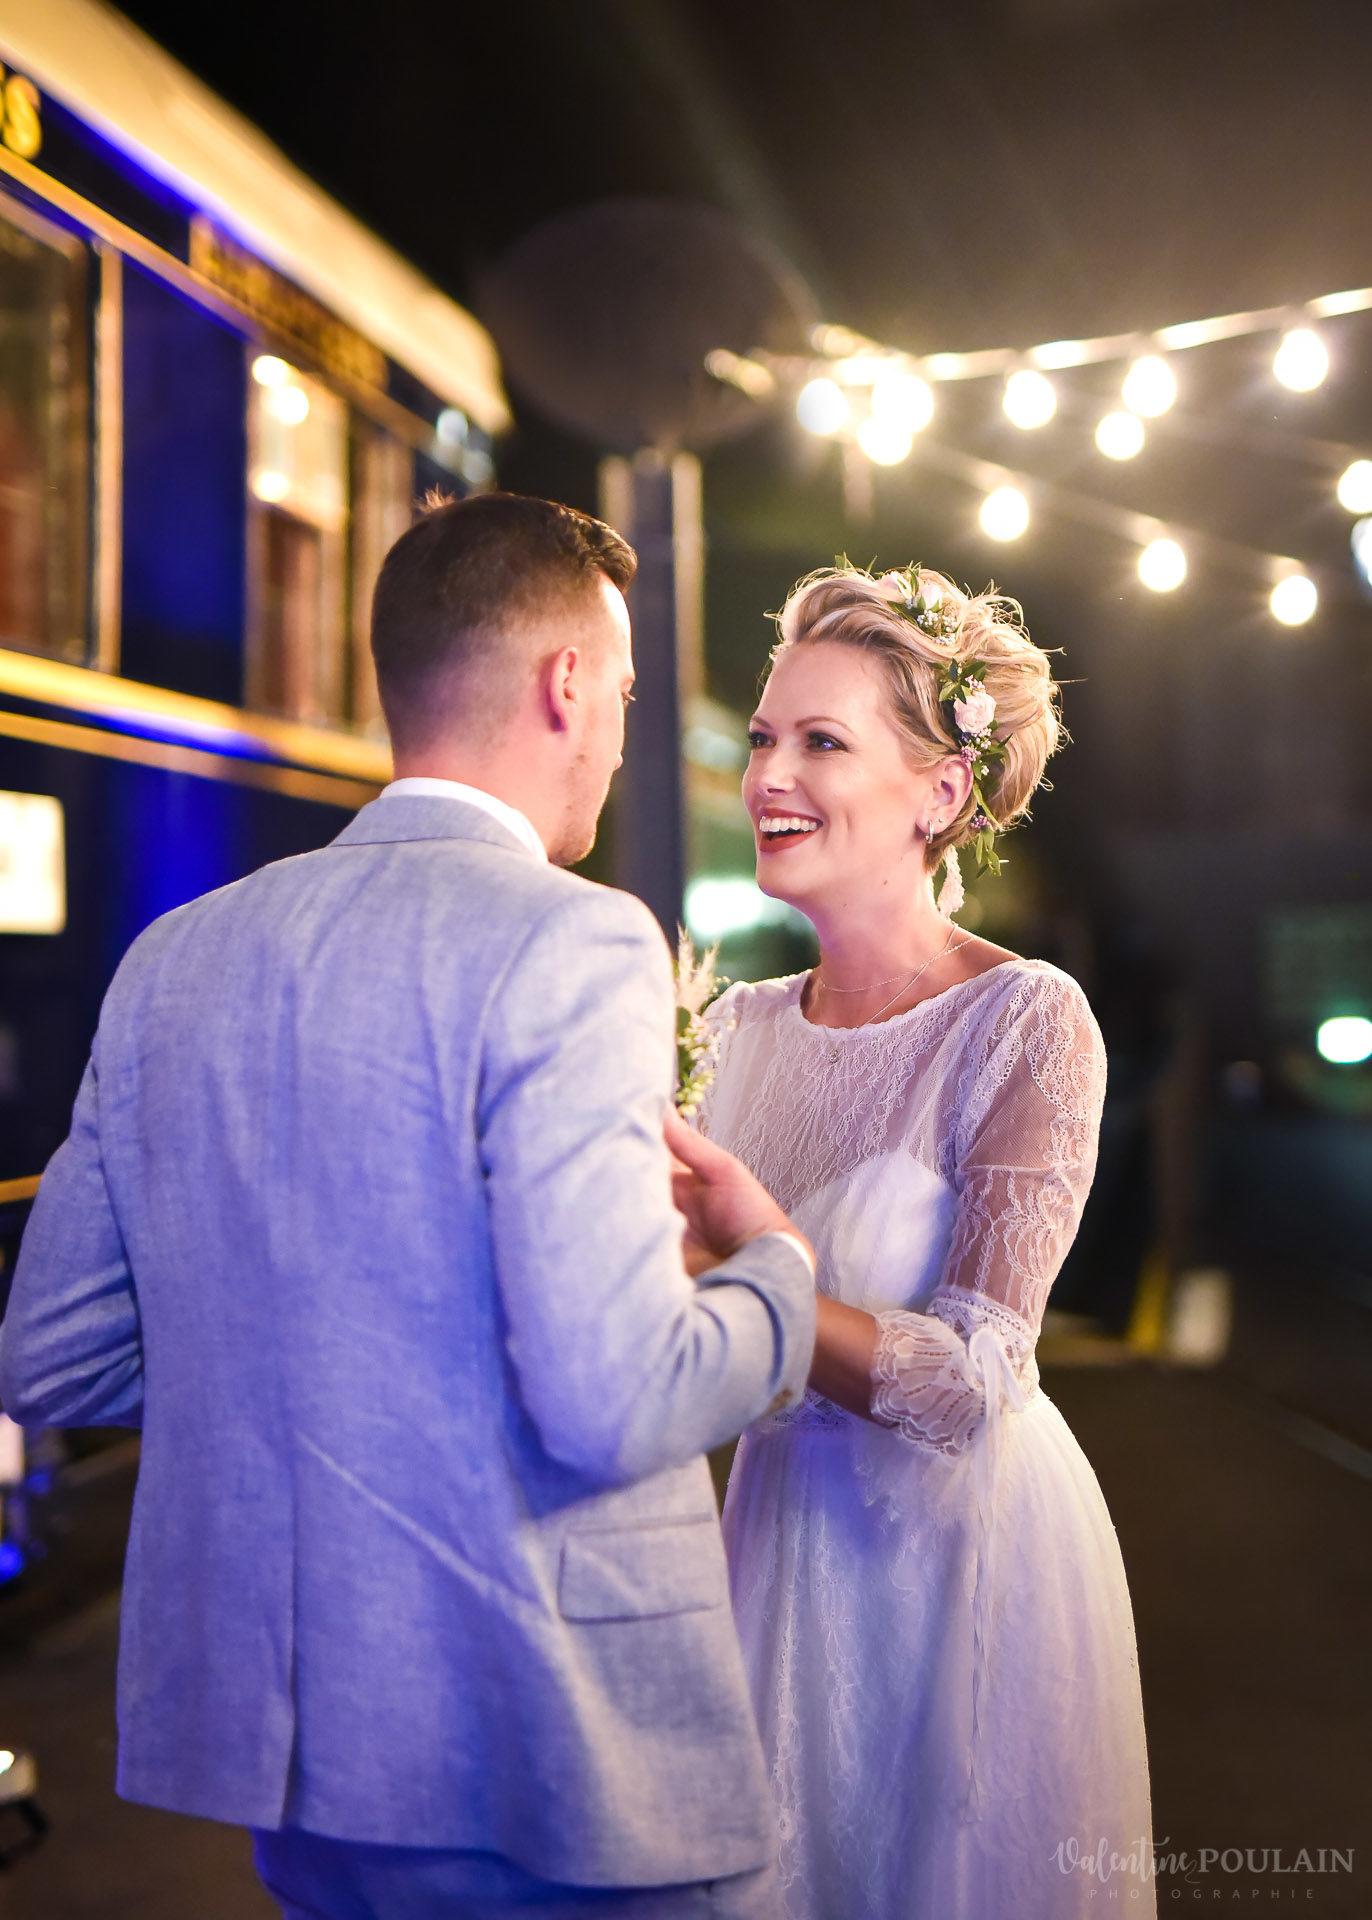 Danse mariage - Valentine Poulain photographe